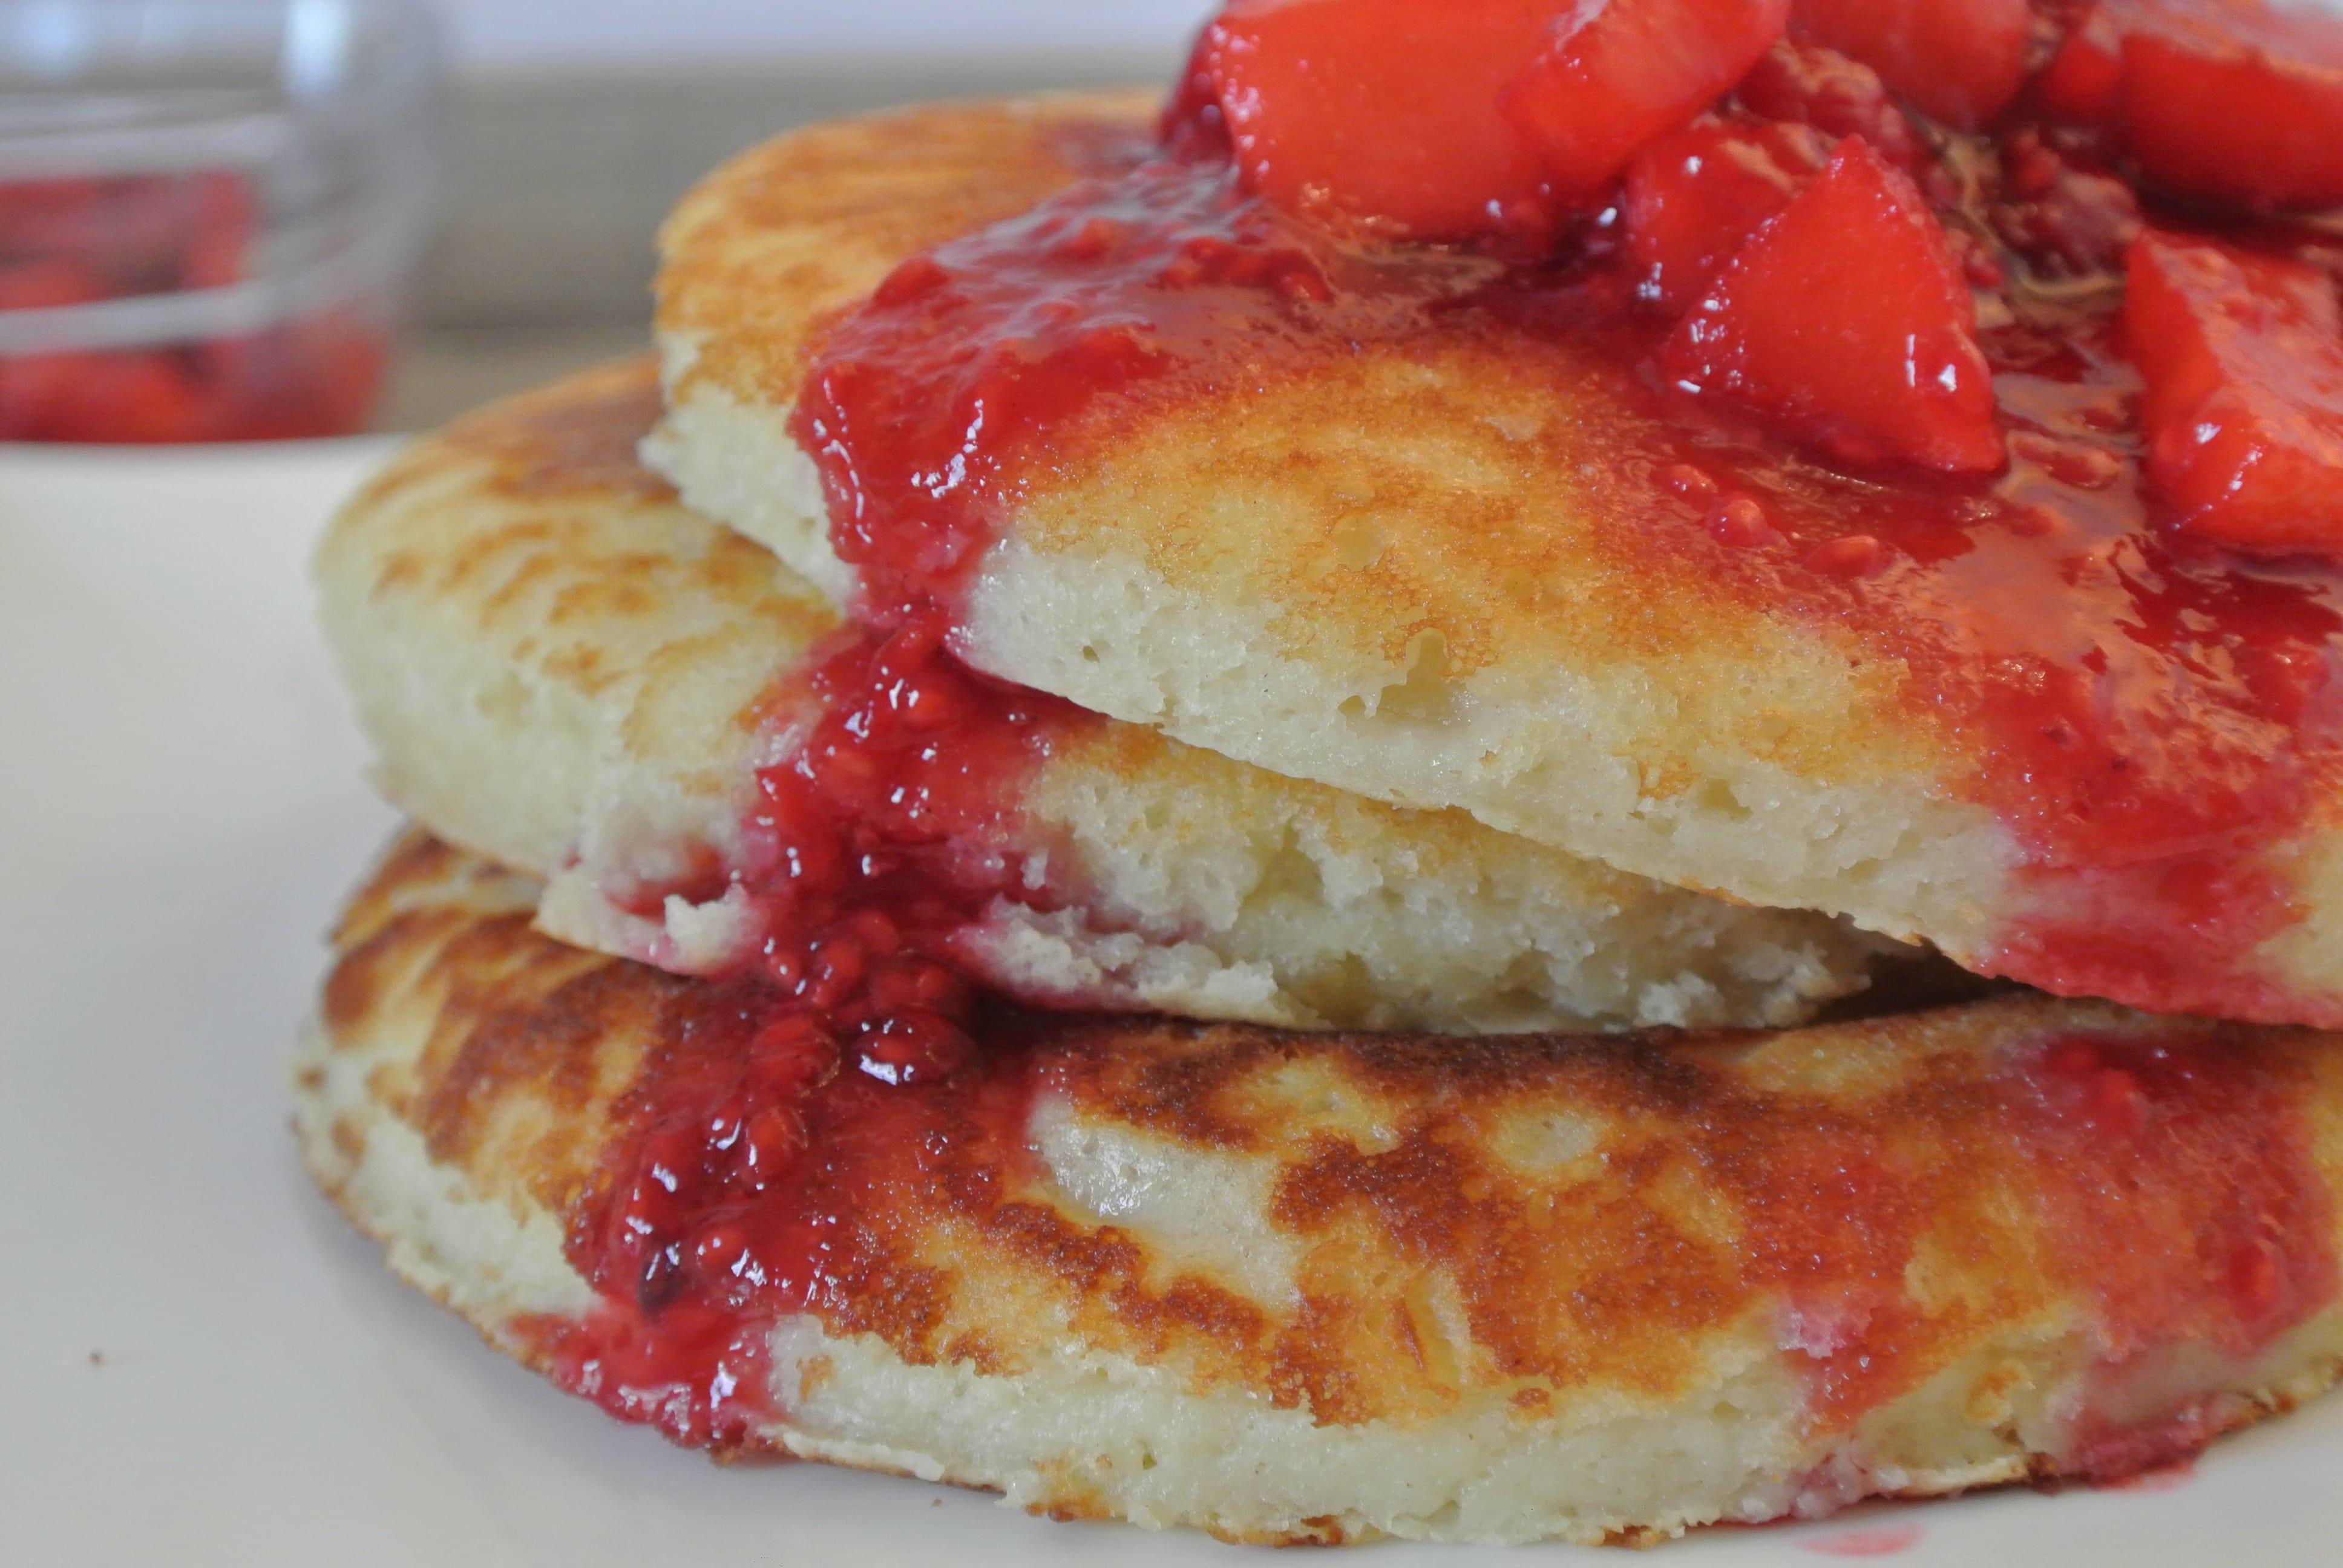 Nationale pannenkoekdag: American pancakes met appel-frambooscompote